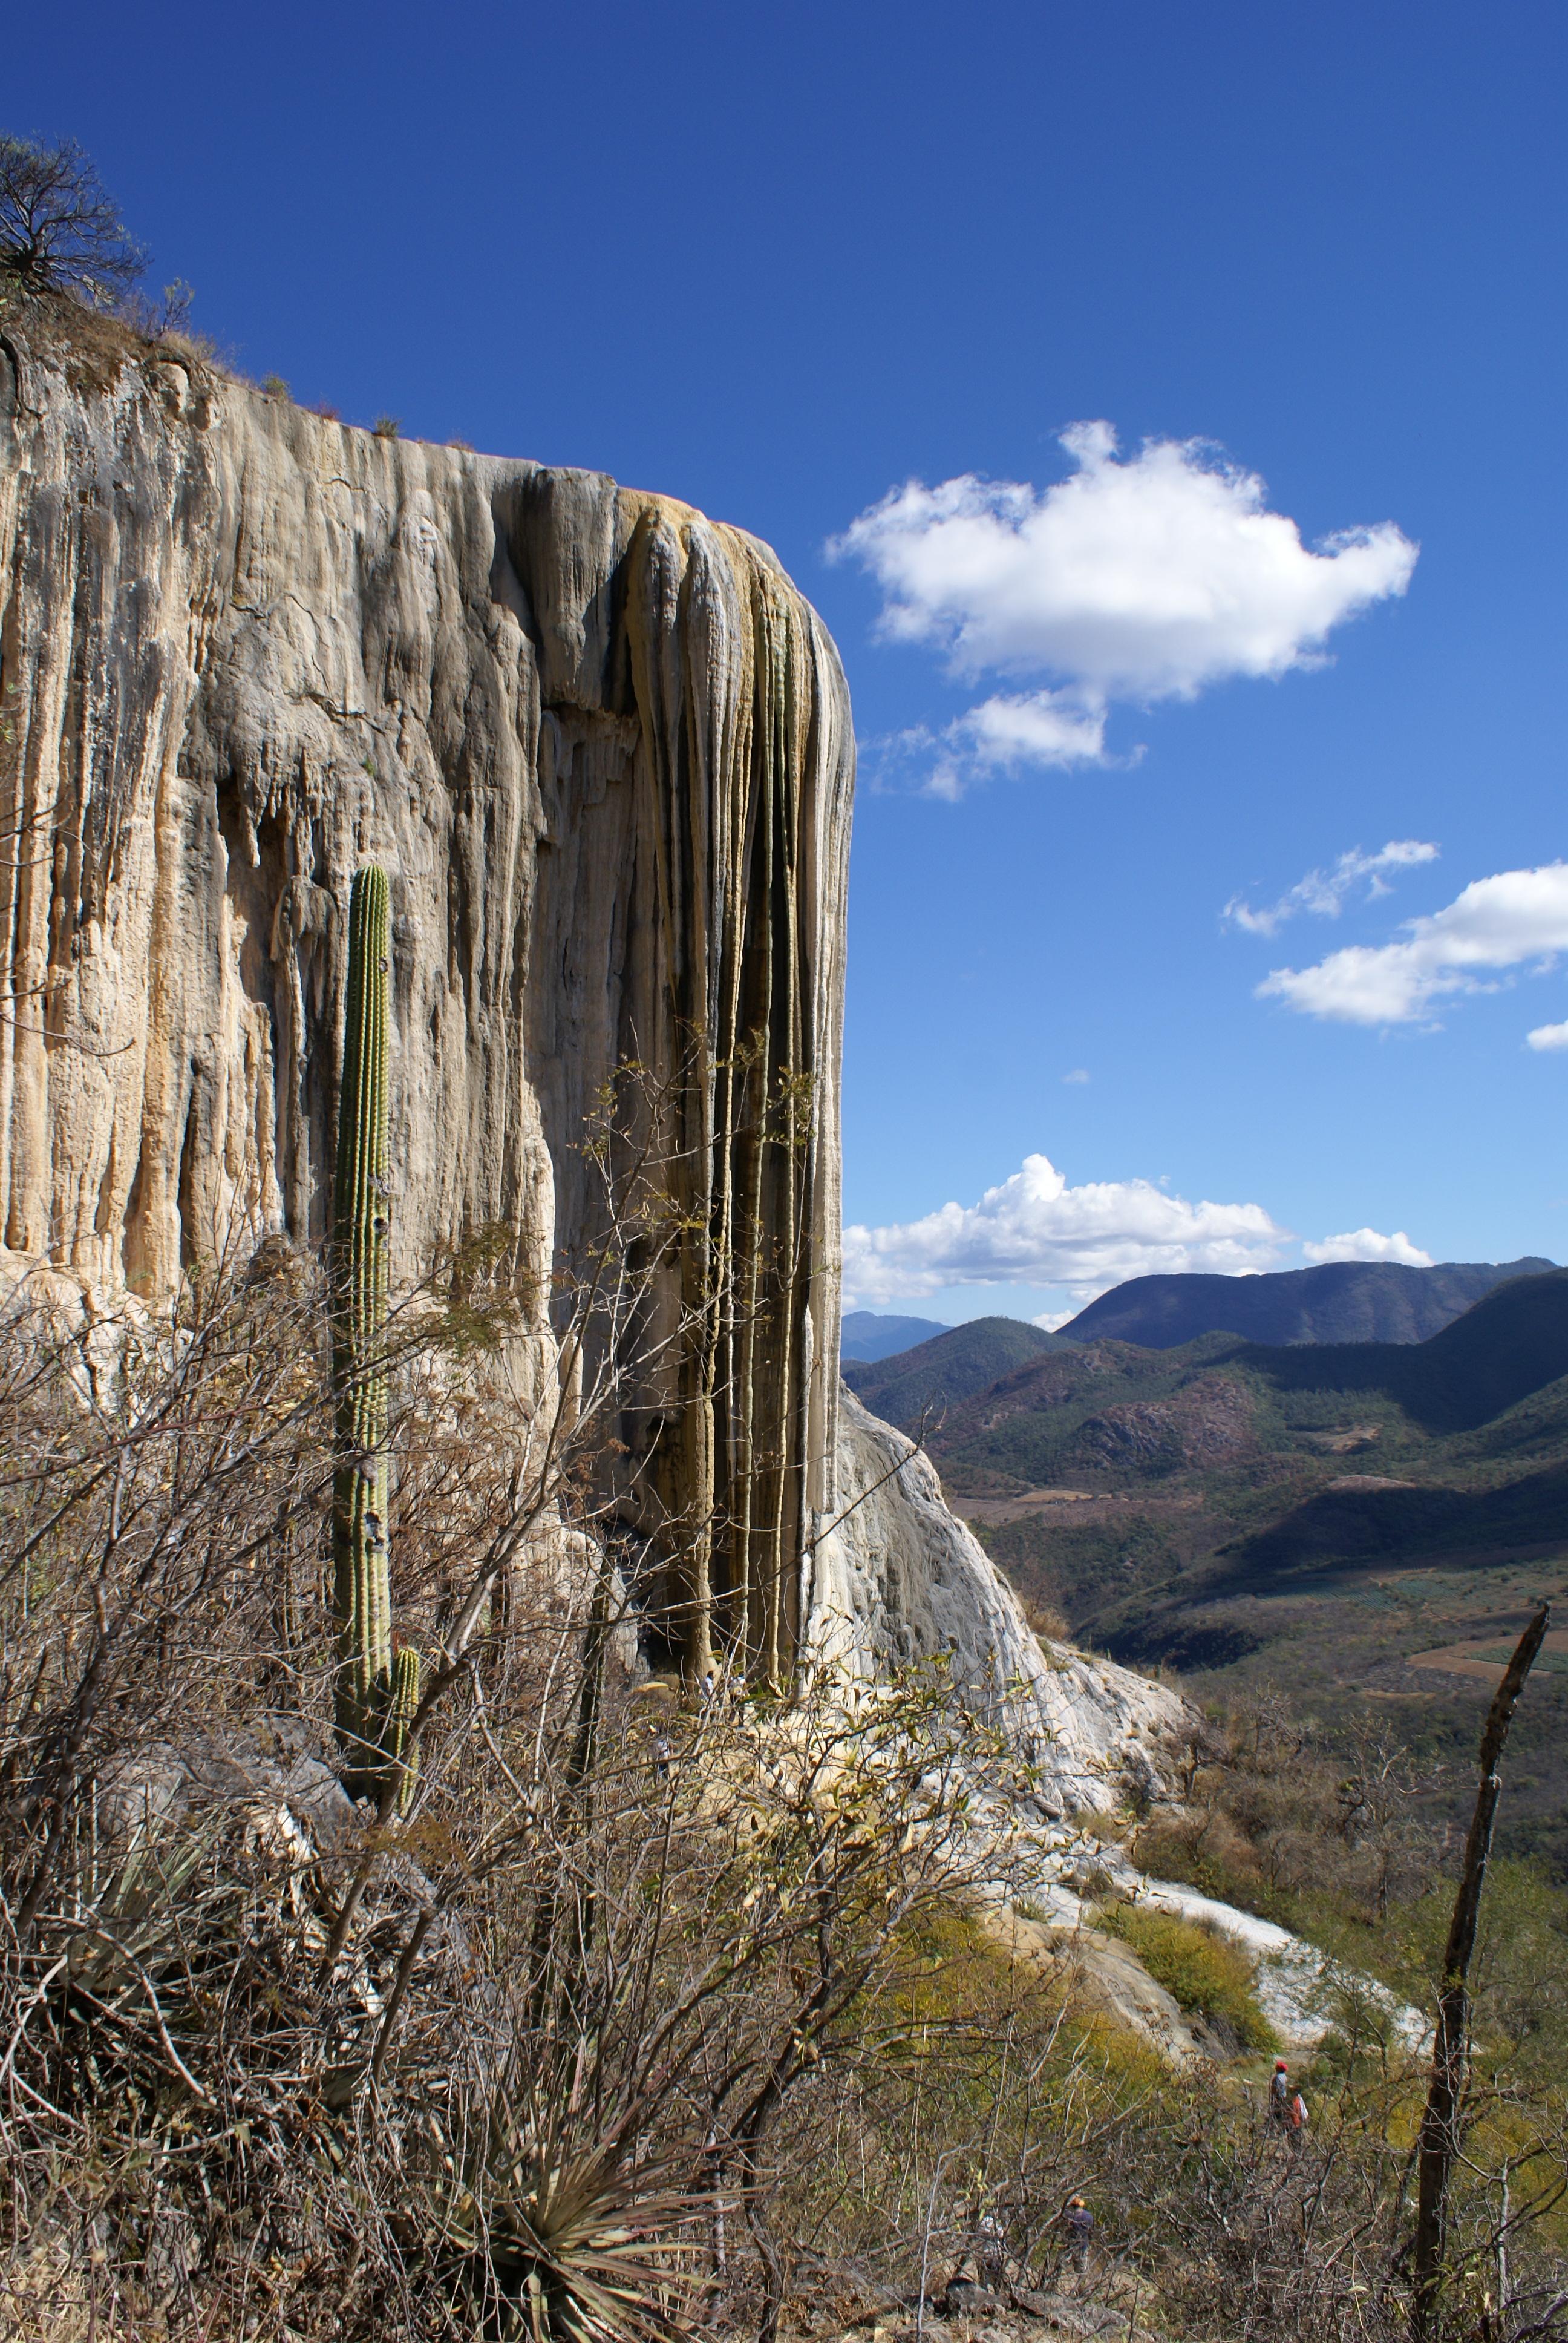 Vajarska dela prirode Formaciones_rocosas_de_Hierve_el_Agua,_Oaxaca,_M%C3%A9xico.